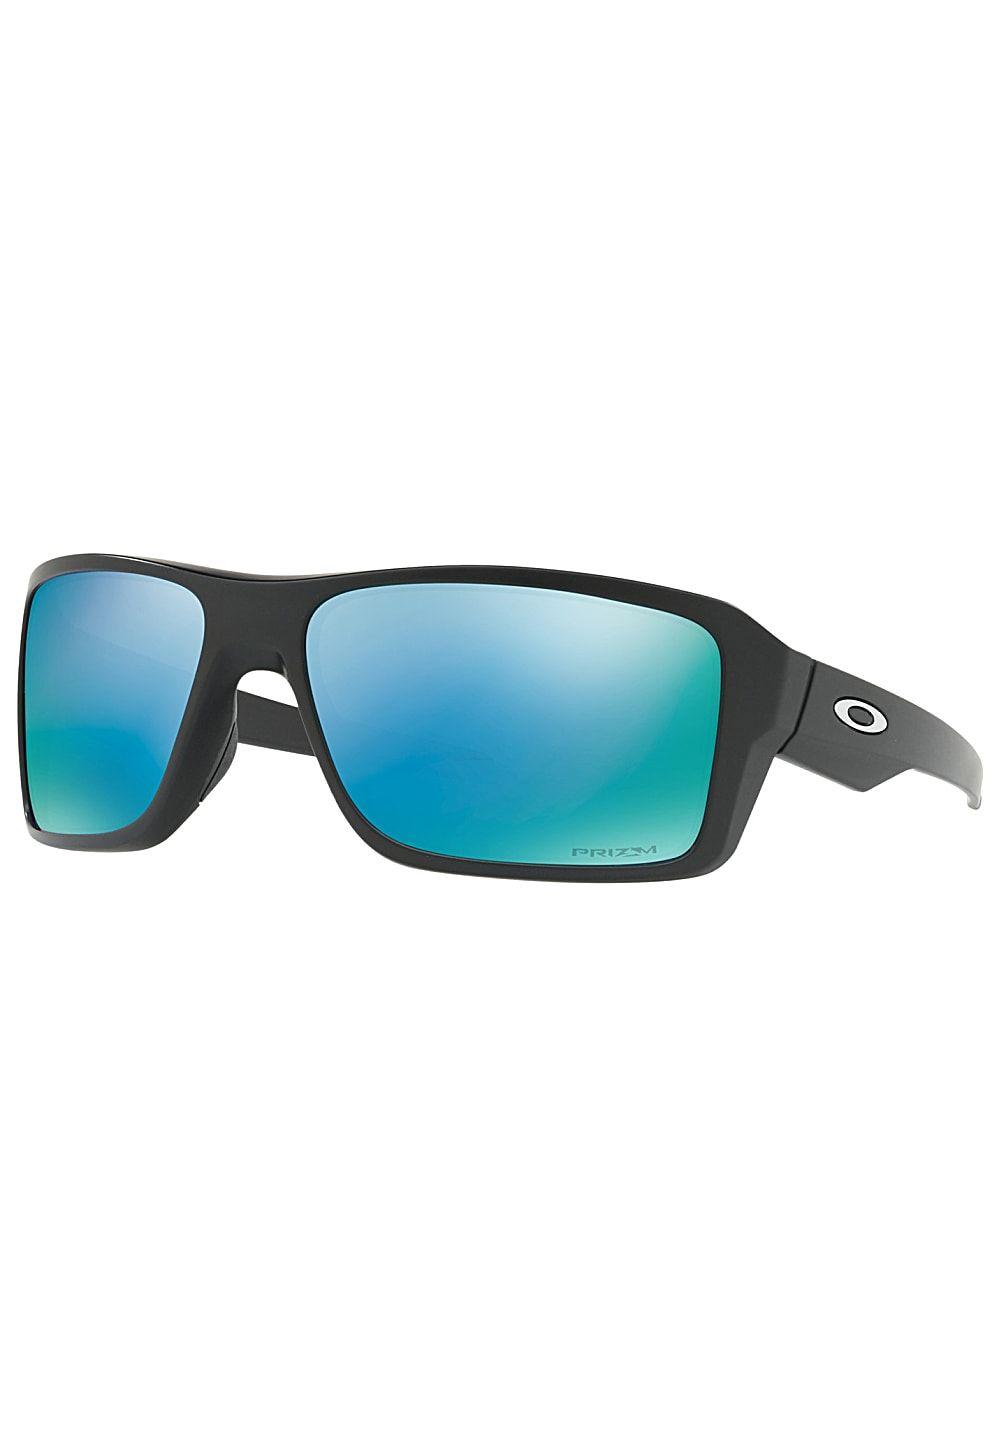 beee3970f23f1d Oakley Double Edge Lunettes de soleil - Noir Oakley, Boutiques, Boutique  Stores, Boutique